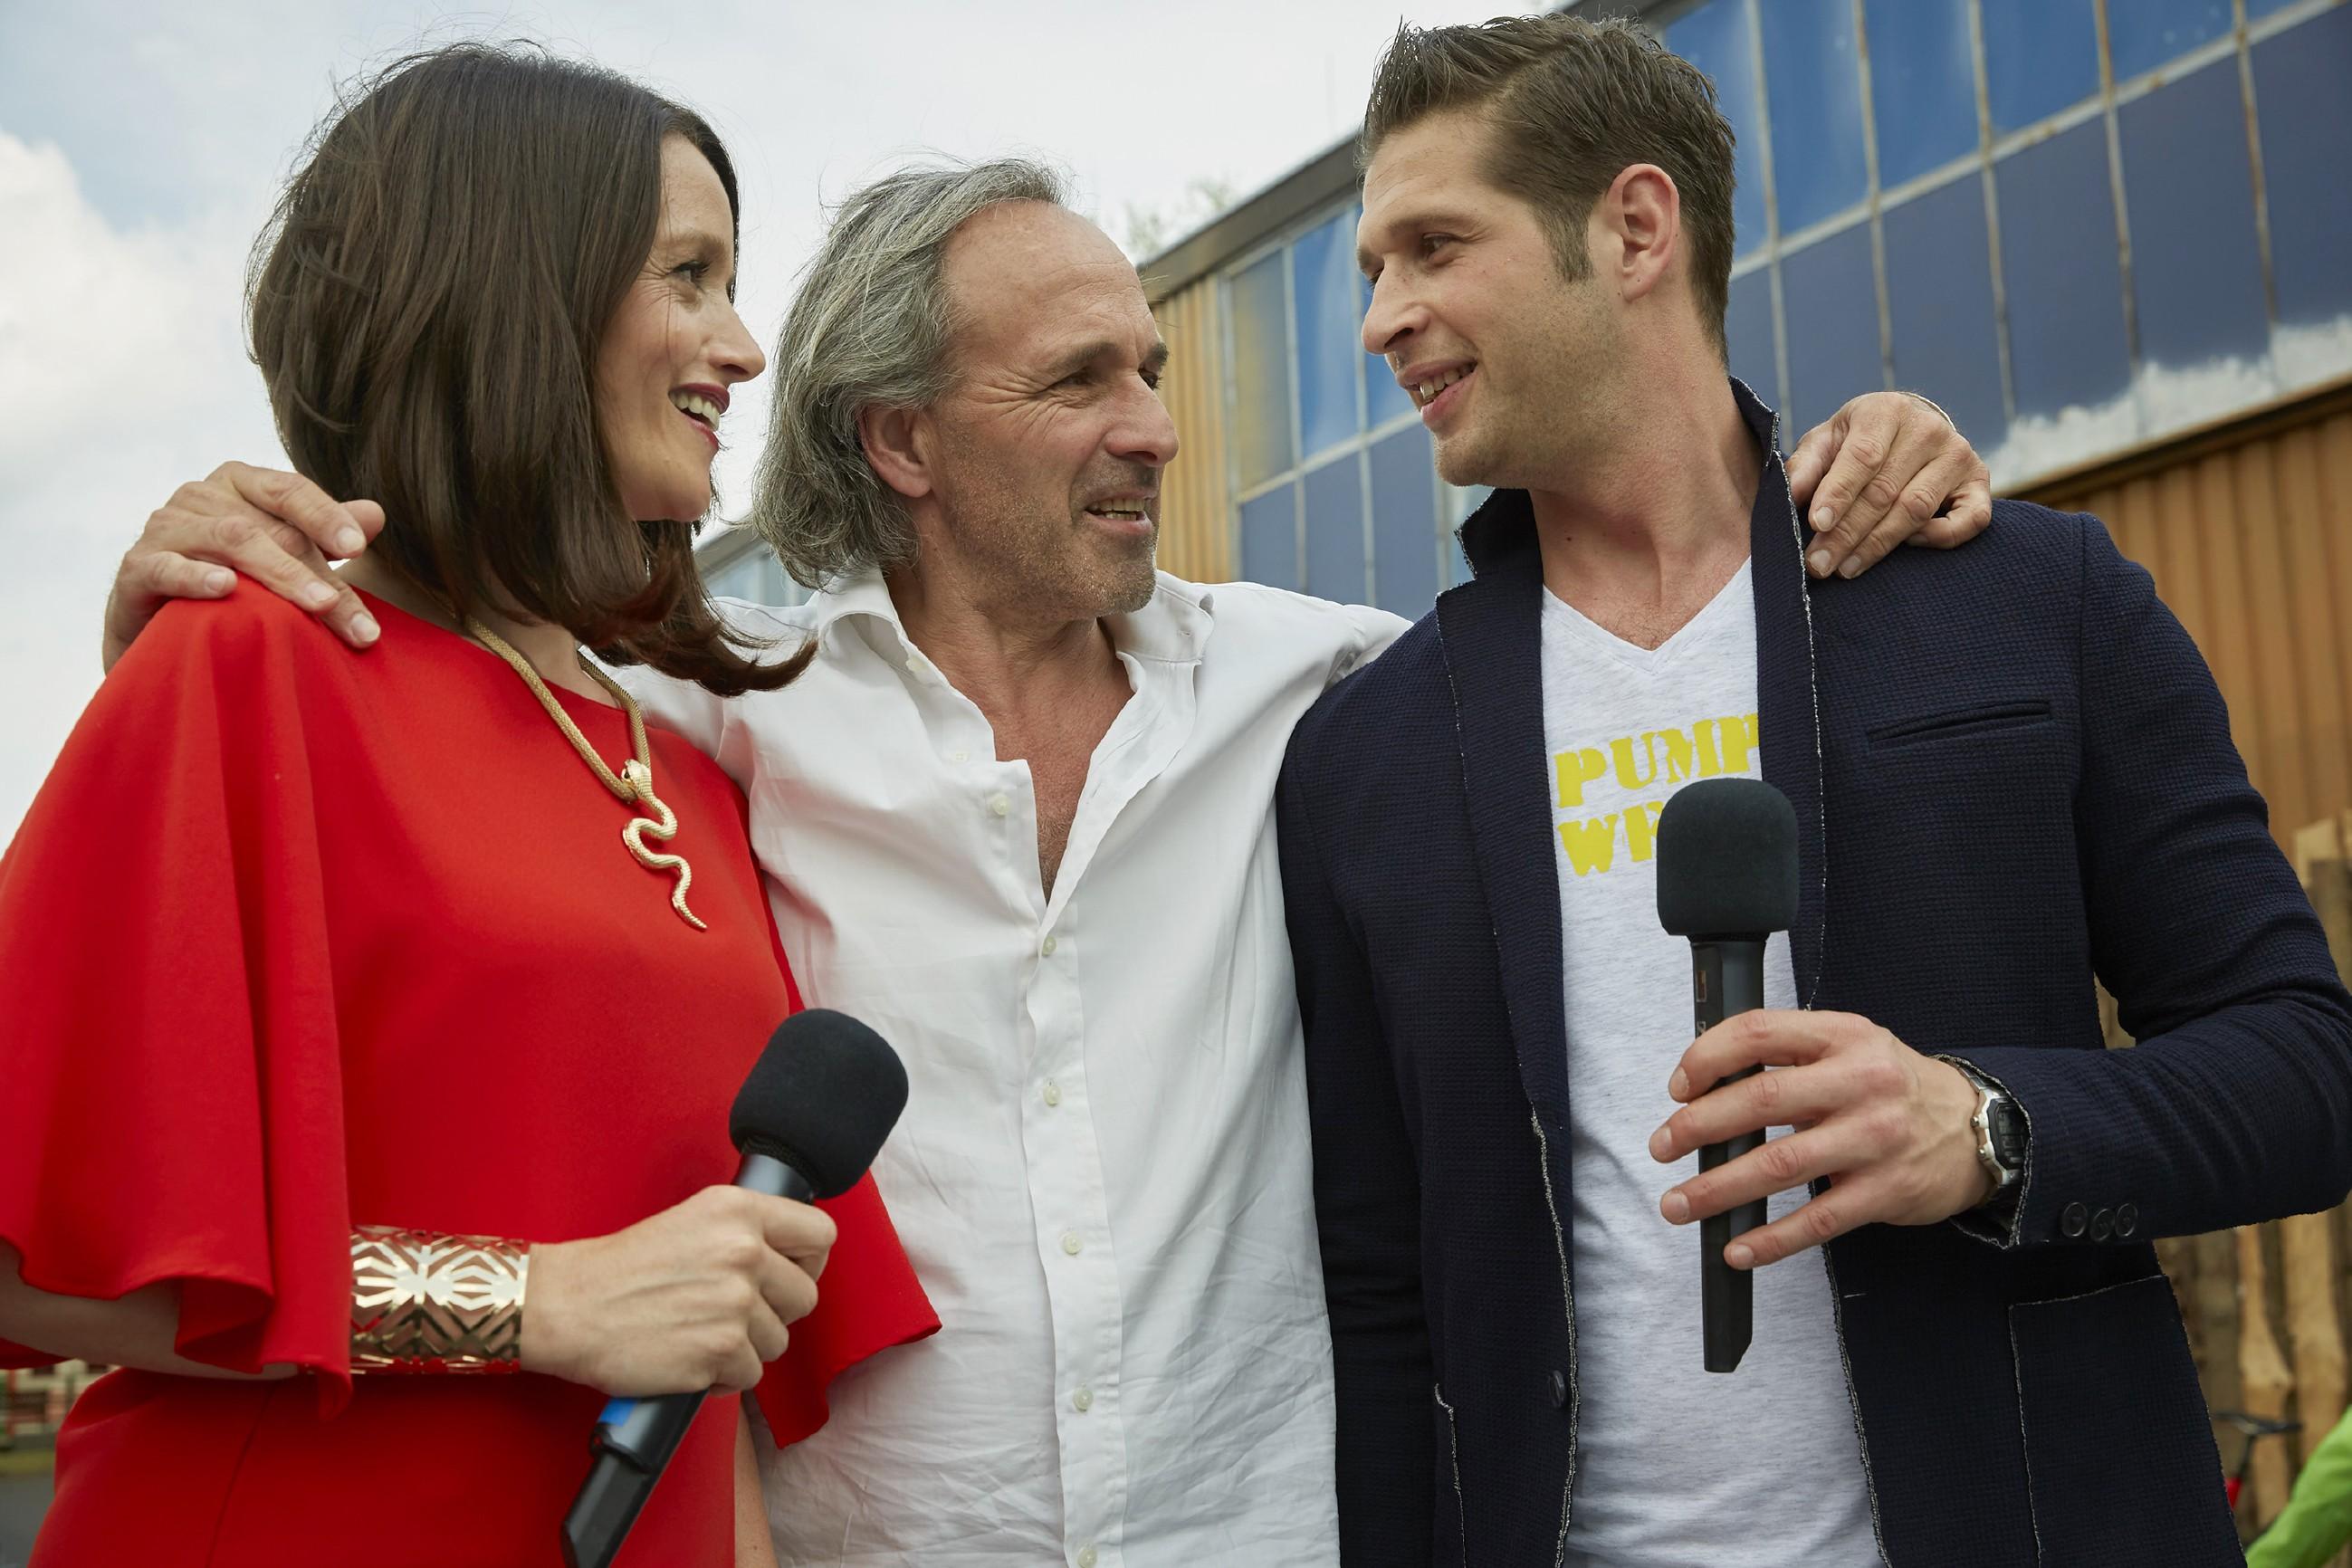 Jenny (Kaja Schmidt-Tychsen) und Deniz (Igor Dolgatschew, r.) erkennen stolz, dass ihr Event ein voller Erfolg ist und lassen sich von Johann (Holger Christian Gotha) beglückwünschen. (Quelle: RTL / Guido Engels)